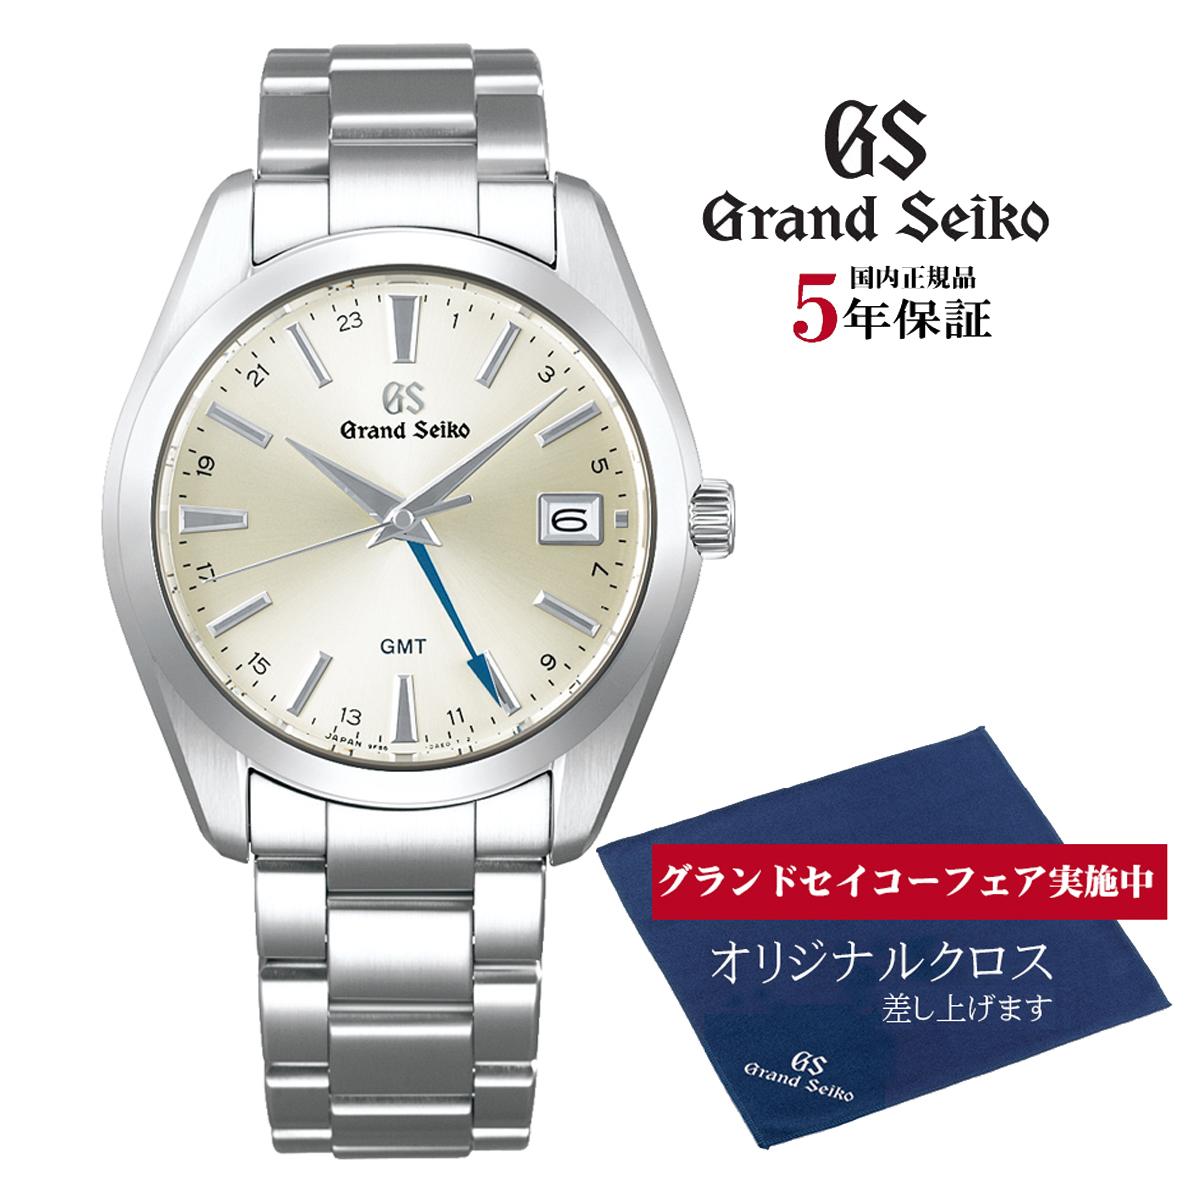 グランドセイコー Grand Seiko 正規メーカー保証3年 SBGN011 9Fクォーツ GMT 正規品 腕時計